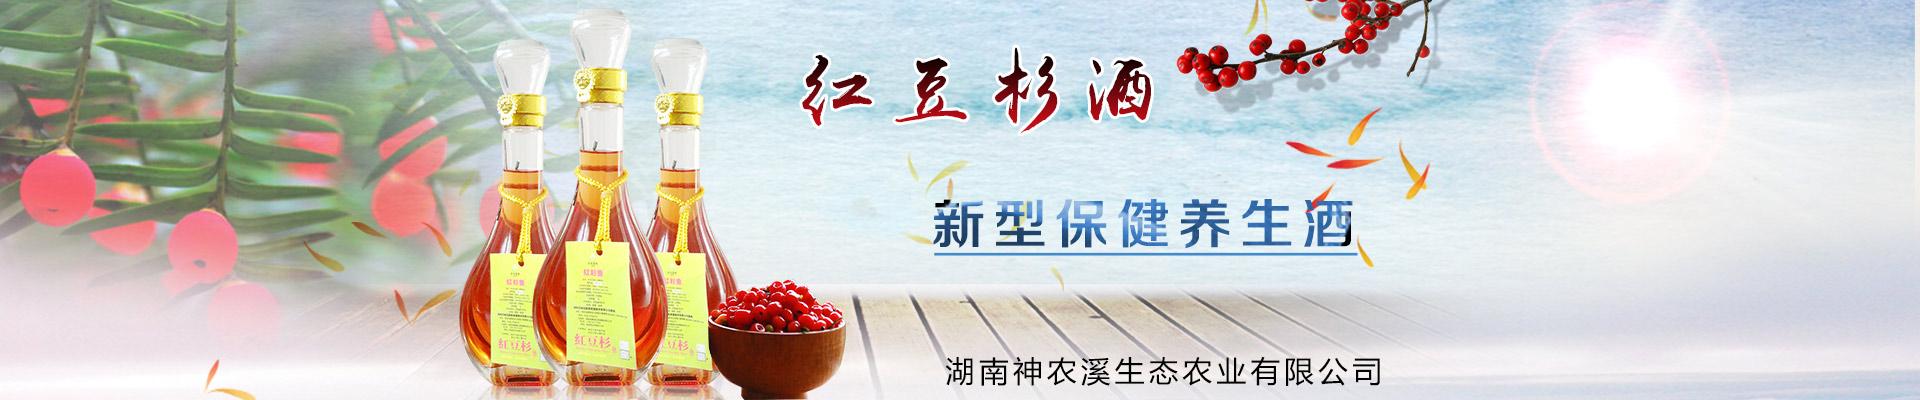 湖南神农溪生态农业有限公司